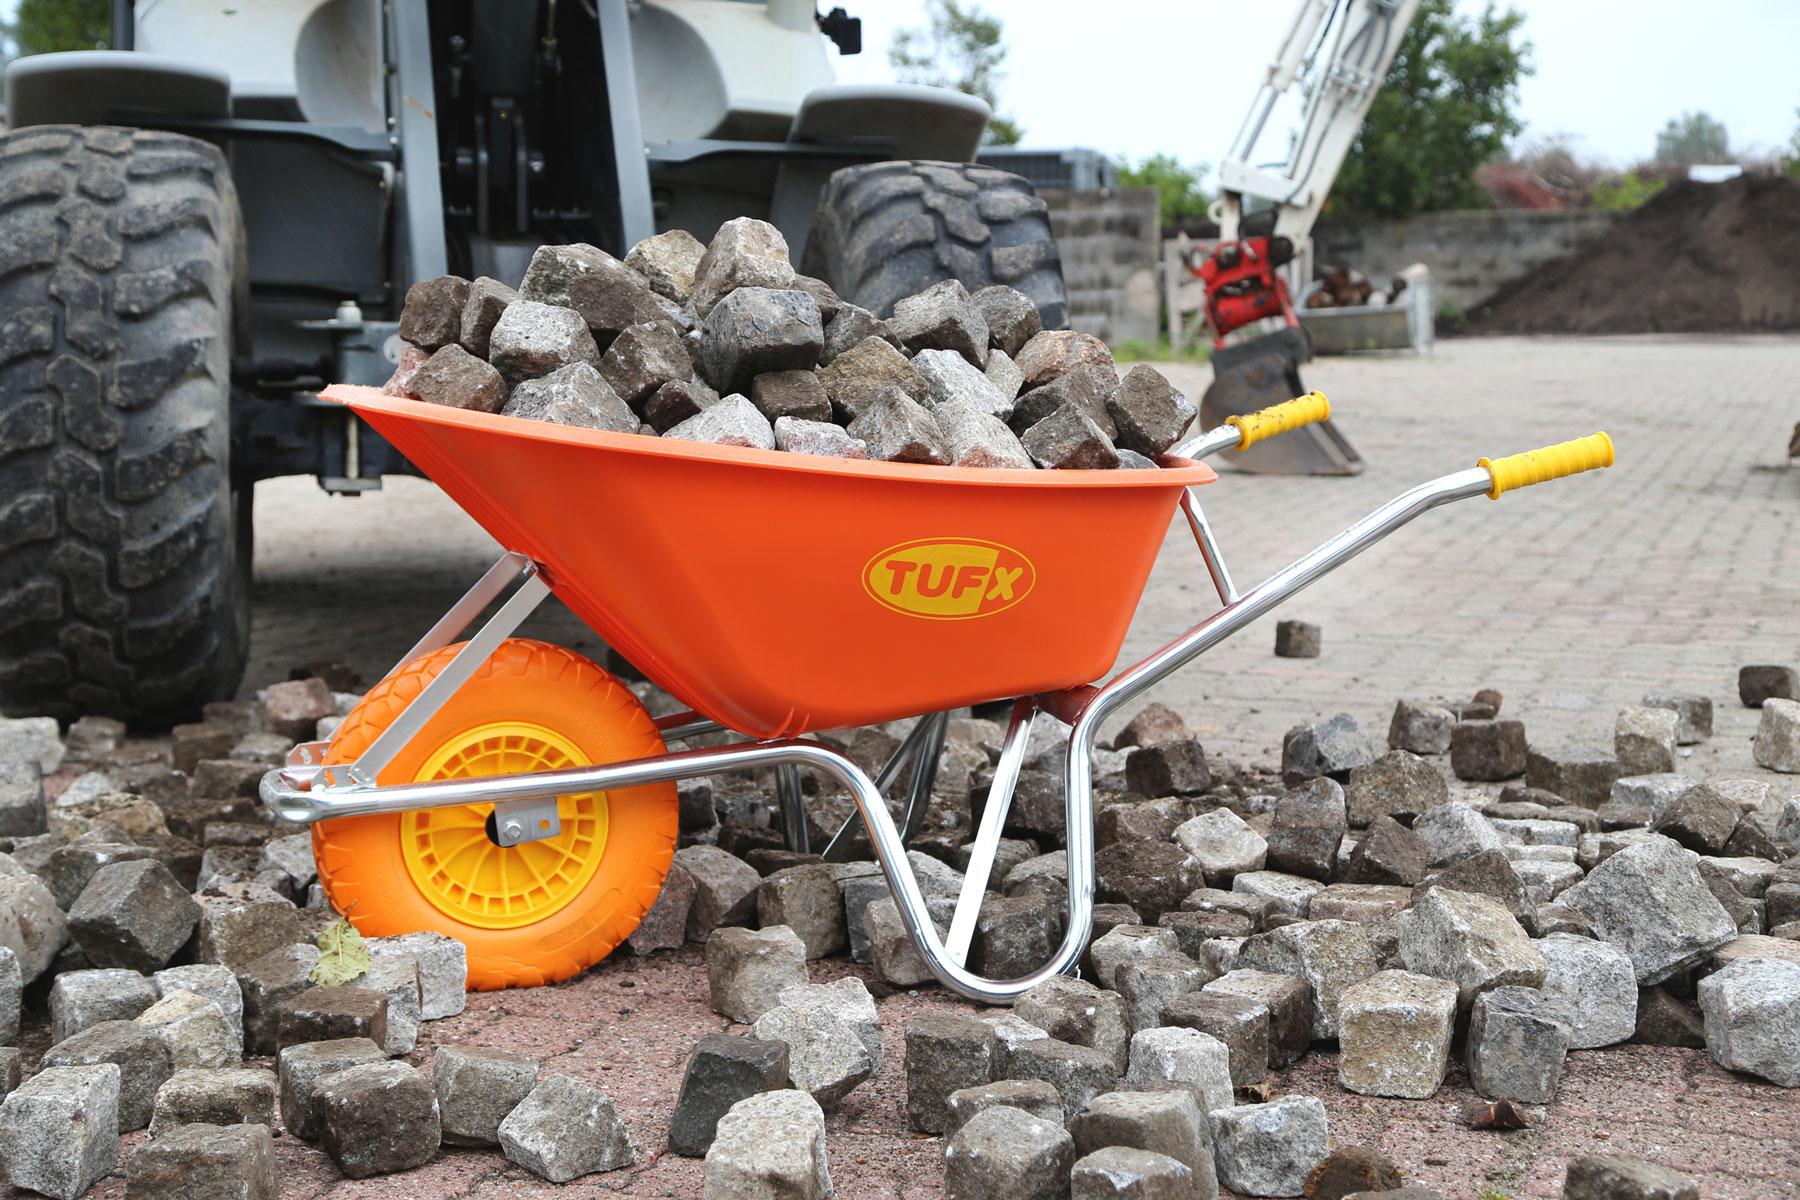 TUFX mit einer Ladung Pflastersteinen